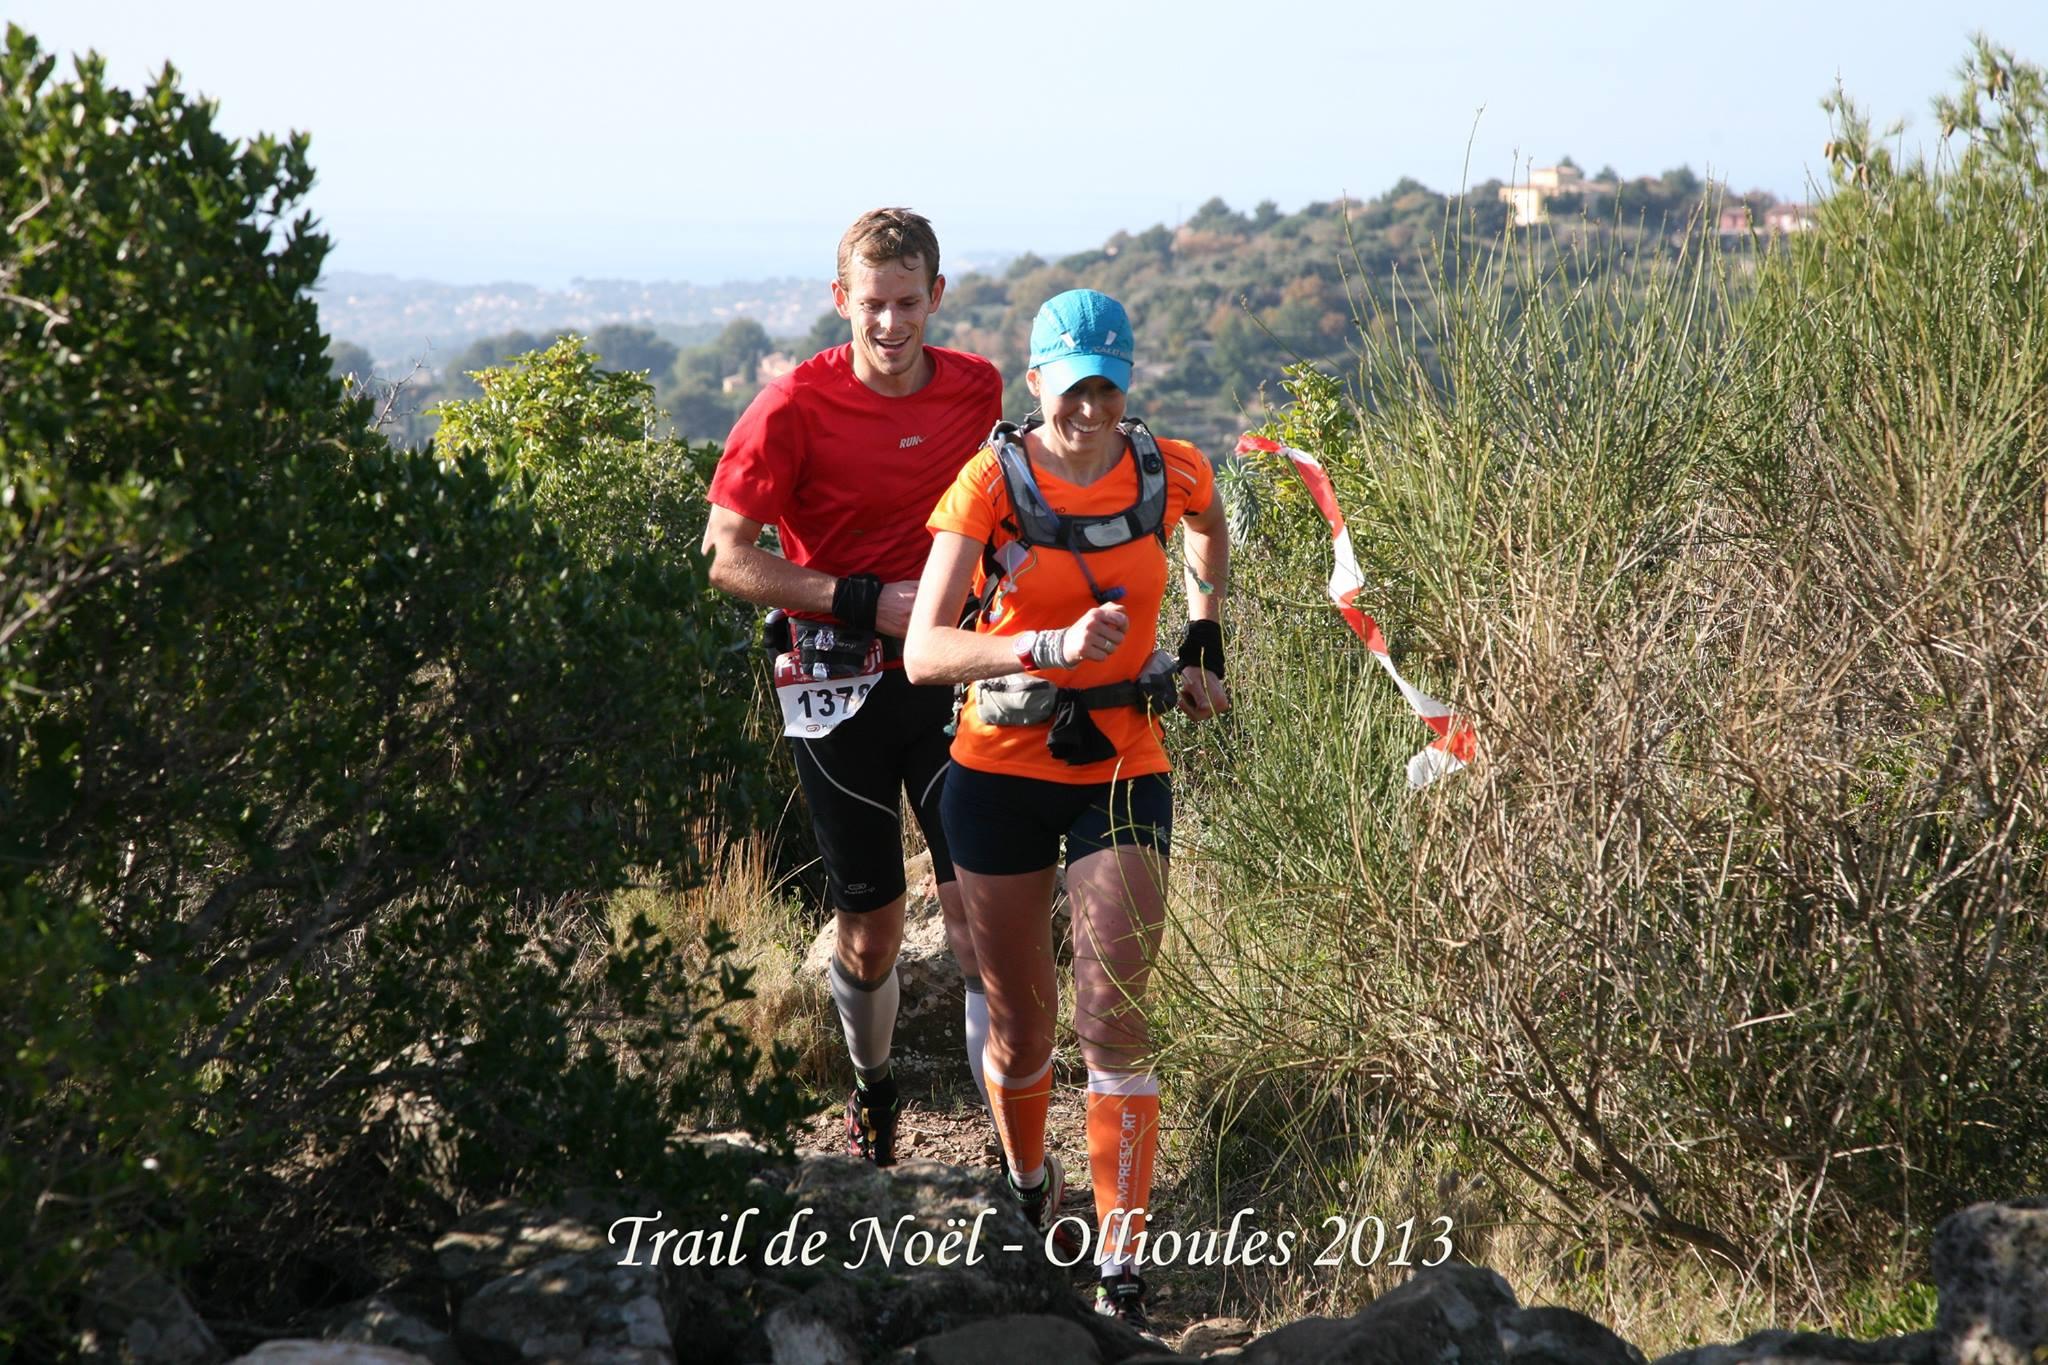 Trail de Noel Ollioules